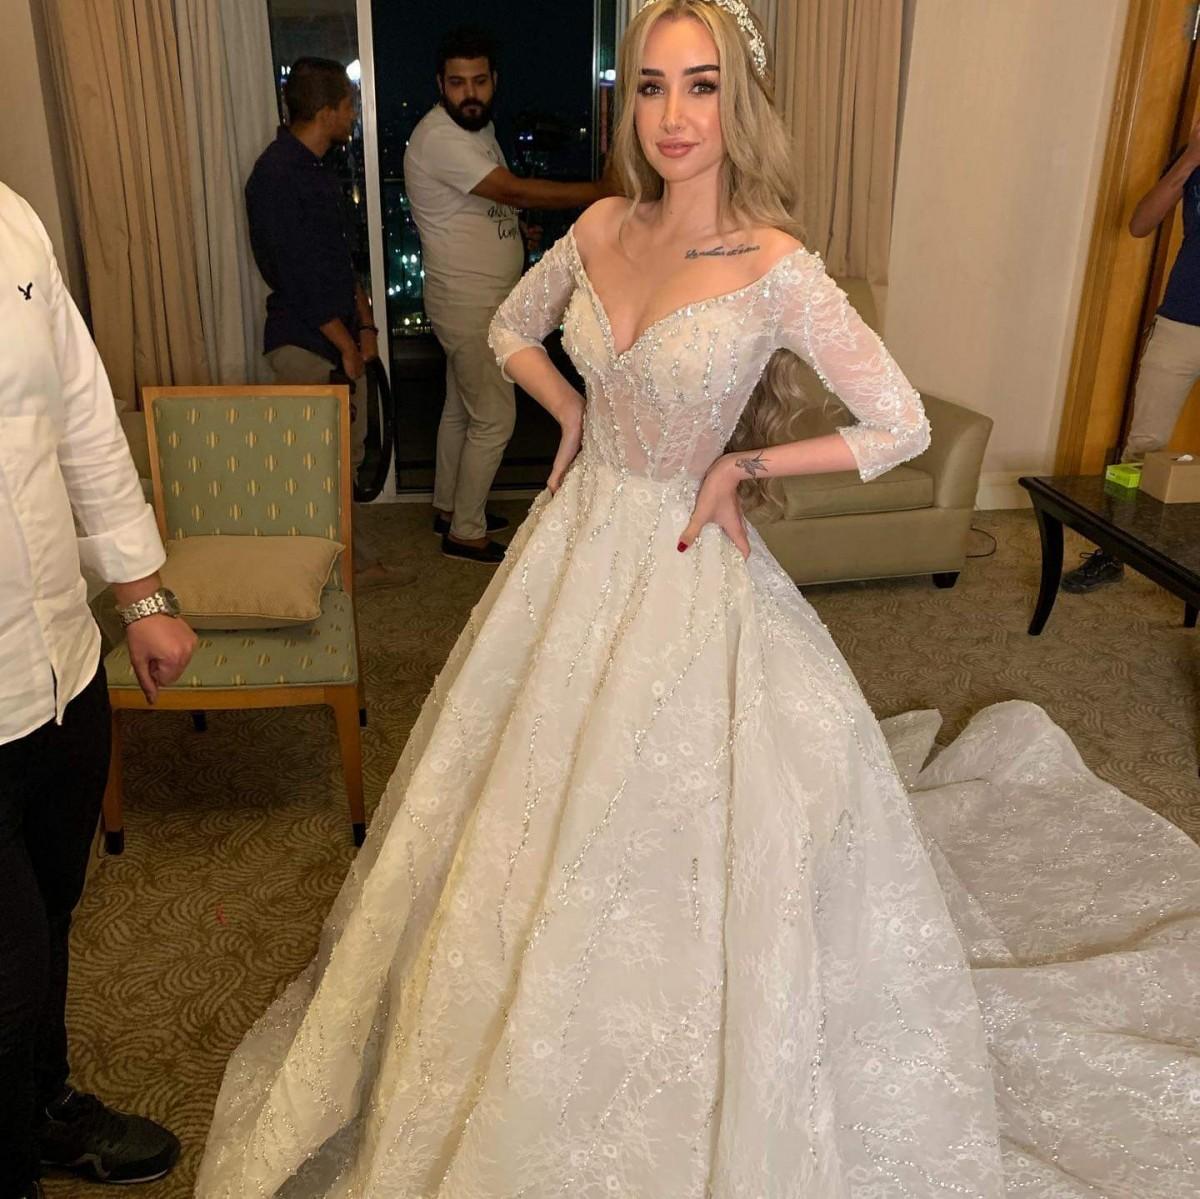 فساتين زفاف النجمات لار اسكندر وهنا الزاهد